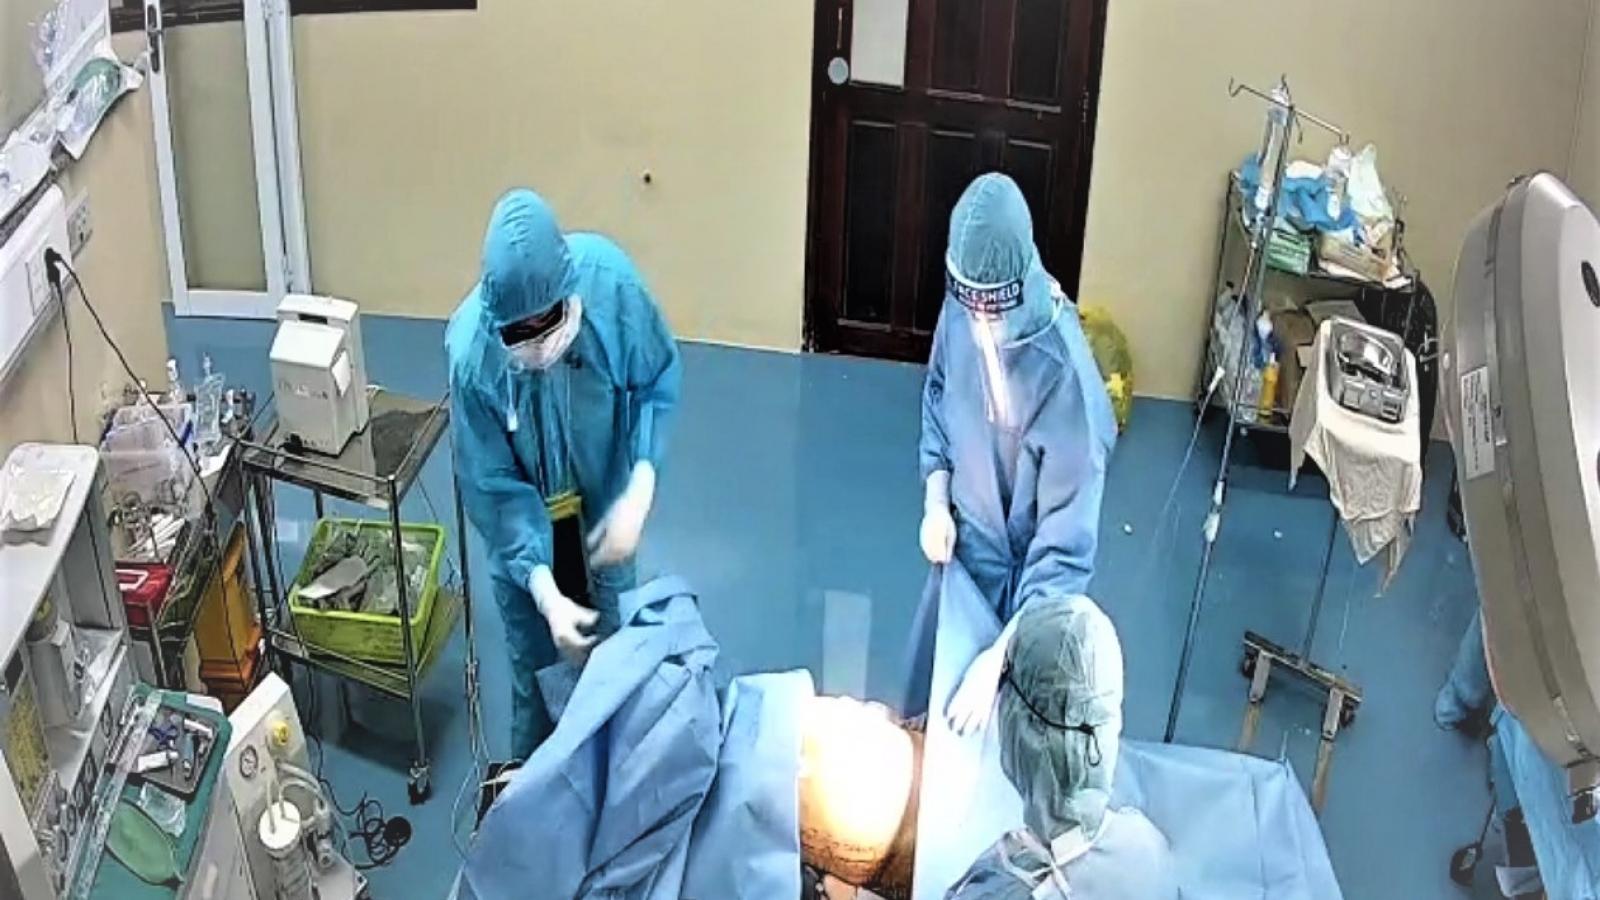 Khẩn cấp phối hợp phẫu thuật cứu sống bệnh nhân mắc Covid-19 bị thủng dạ dày, nguy kịch